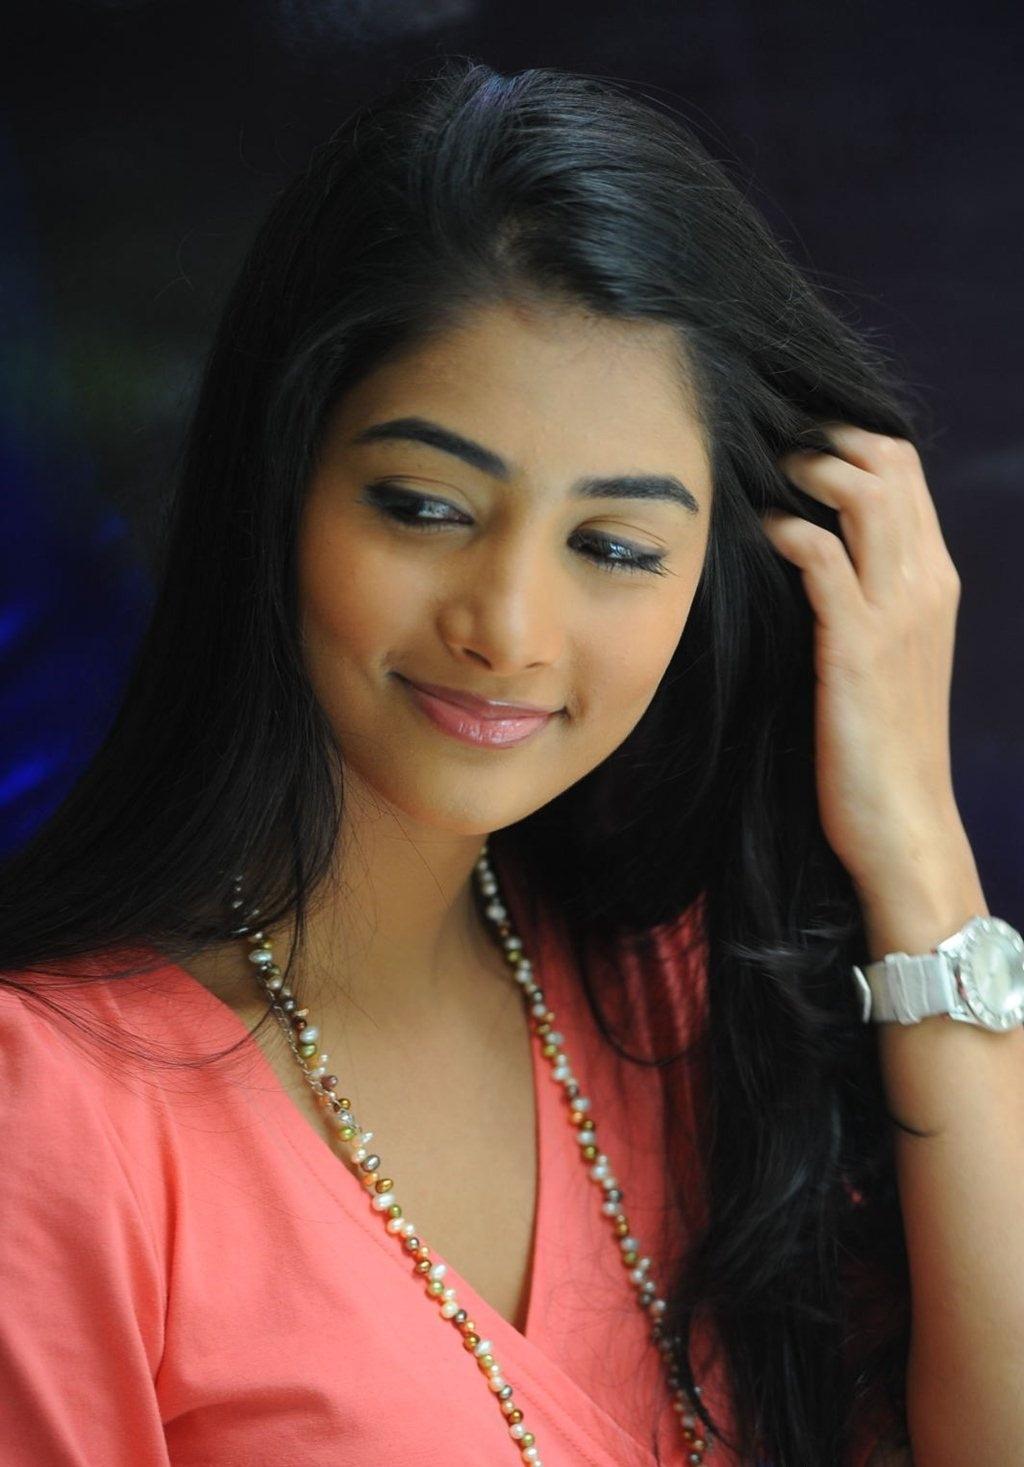 best popular celebrities: most popular celebrities pooja hegde hd